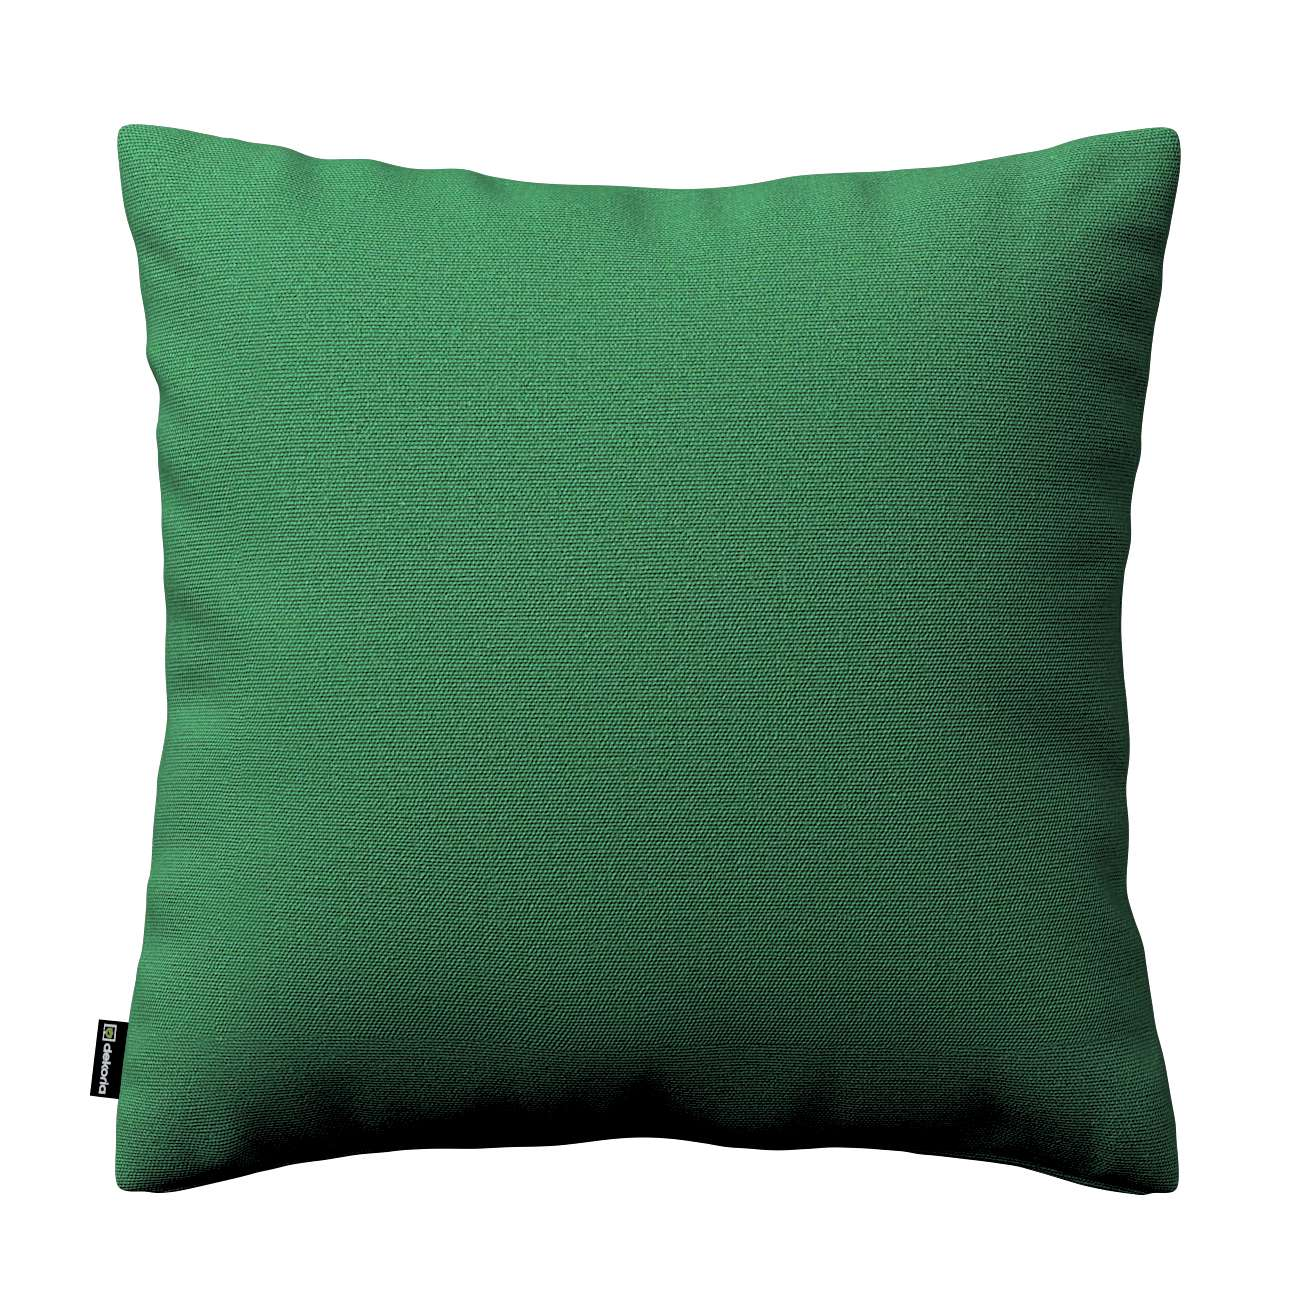 Poszewka Kinga na poduszkę 43 x 43 cm w kolekcji Loneta, tkanina: 133-18